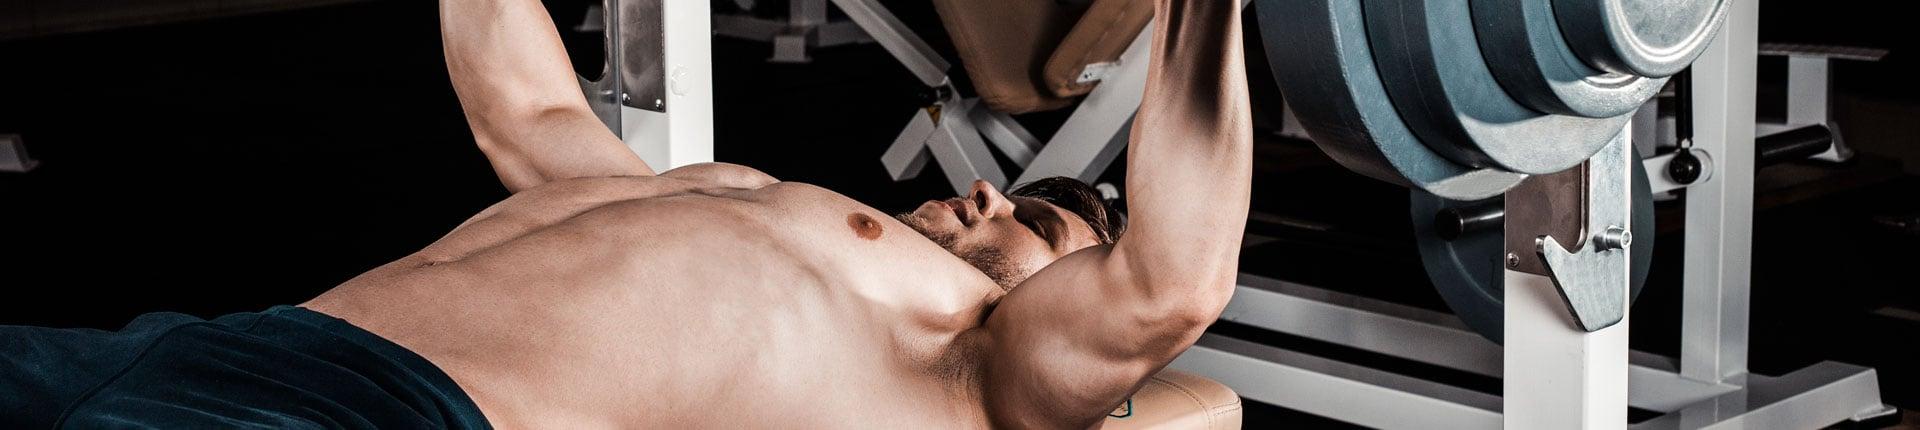 Jak poprawić siłę w wyciskaniu sztangi na ławce? 10 przydanych ćwiczeń